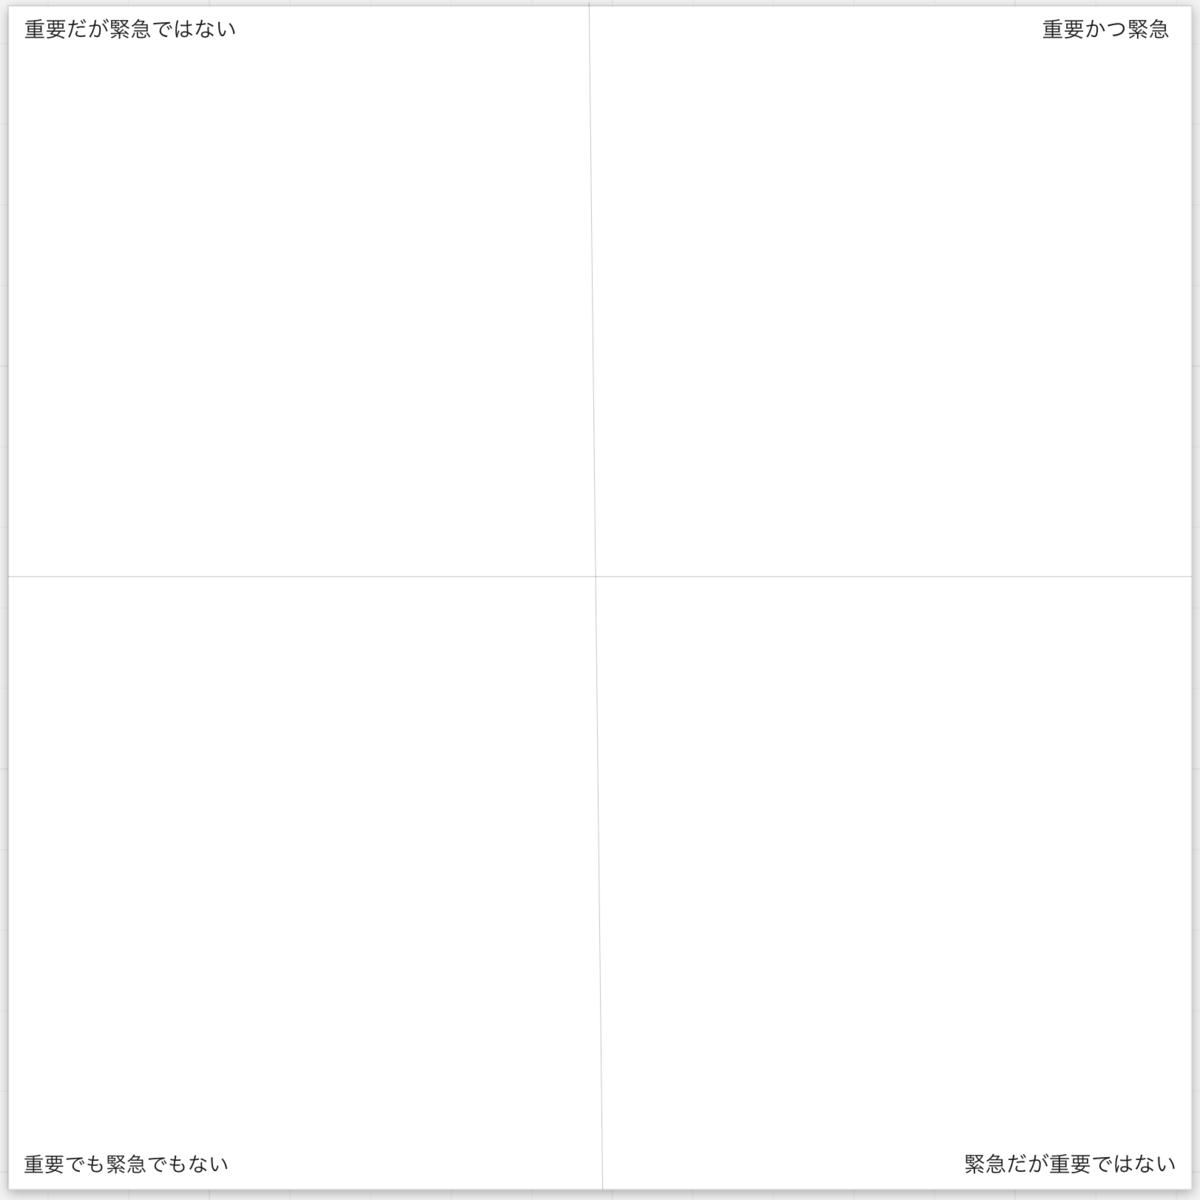 f:id:imagawa_yakata:20210831100243p:plain:w480